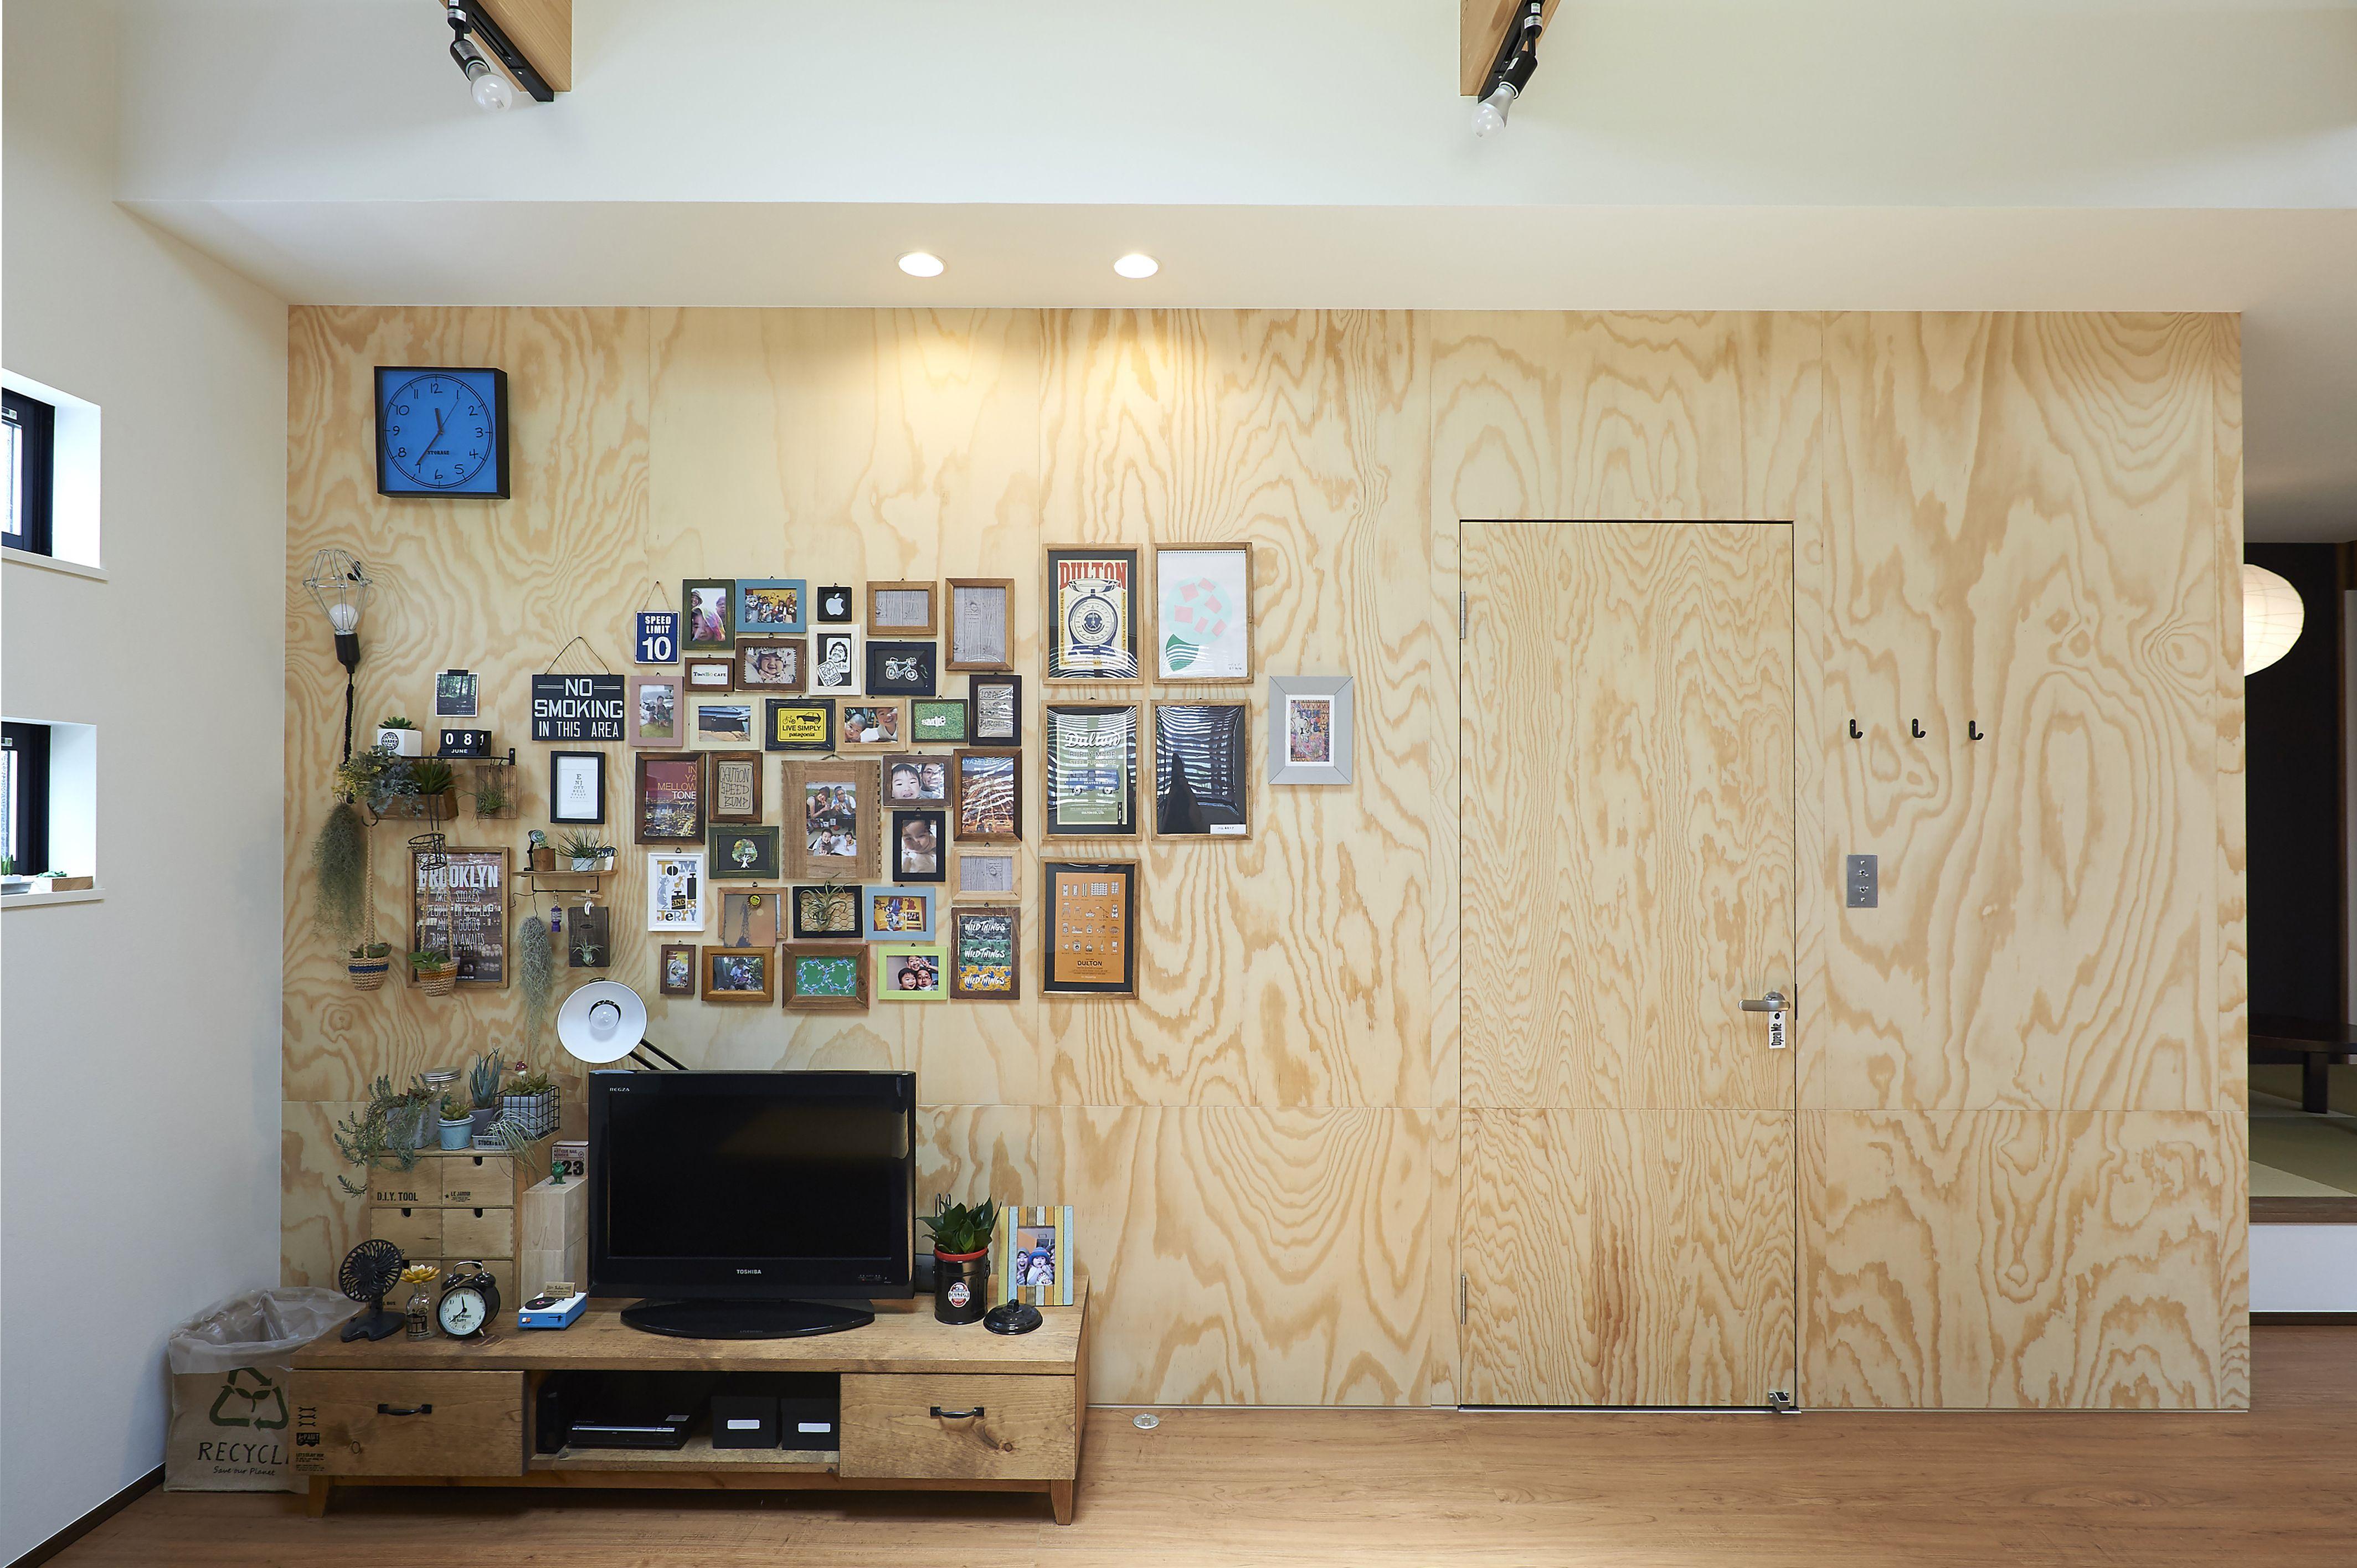 ラーチ合板の壁 More 合板インテリア 家 ラーチ合板